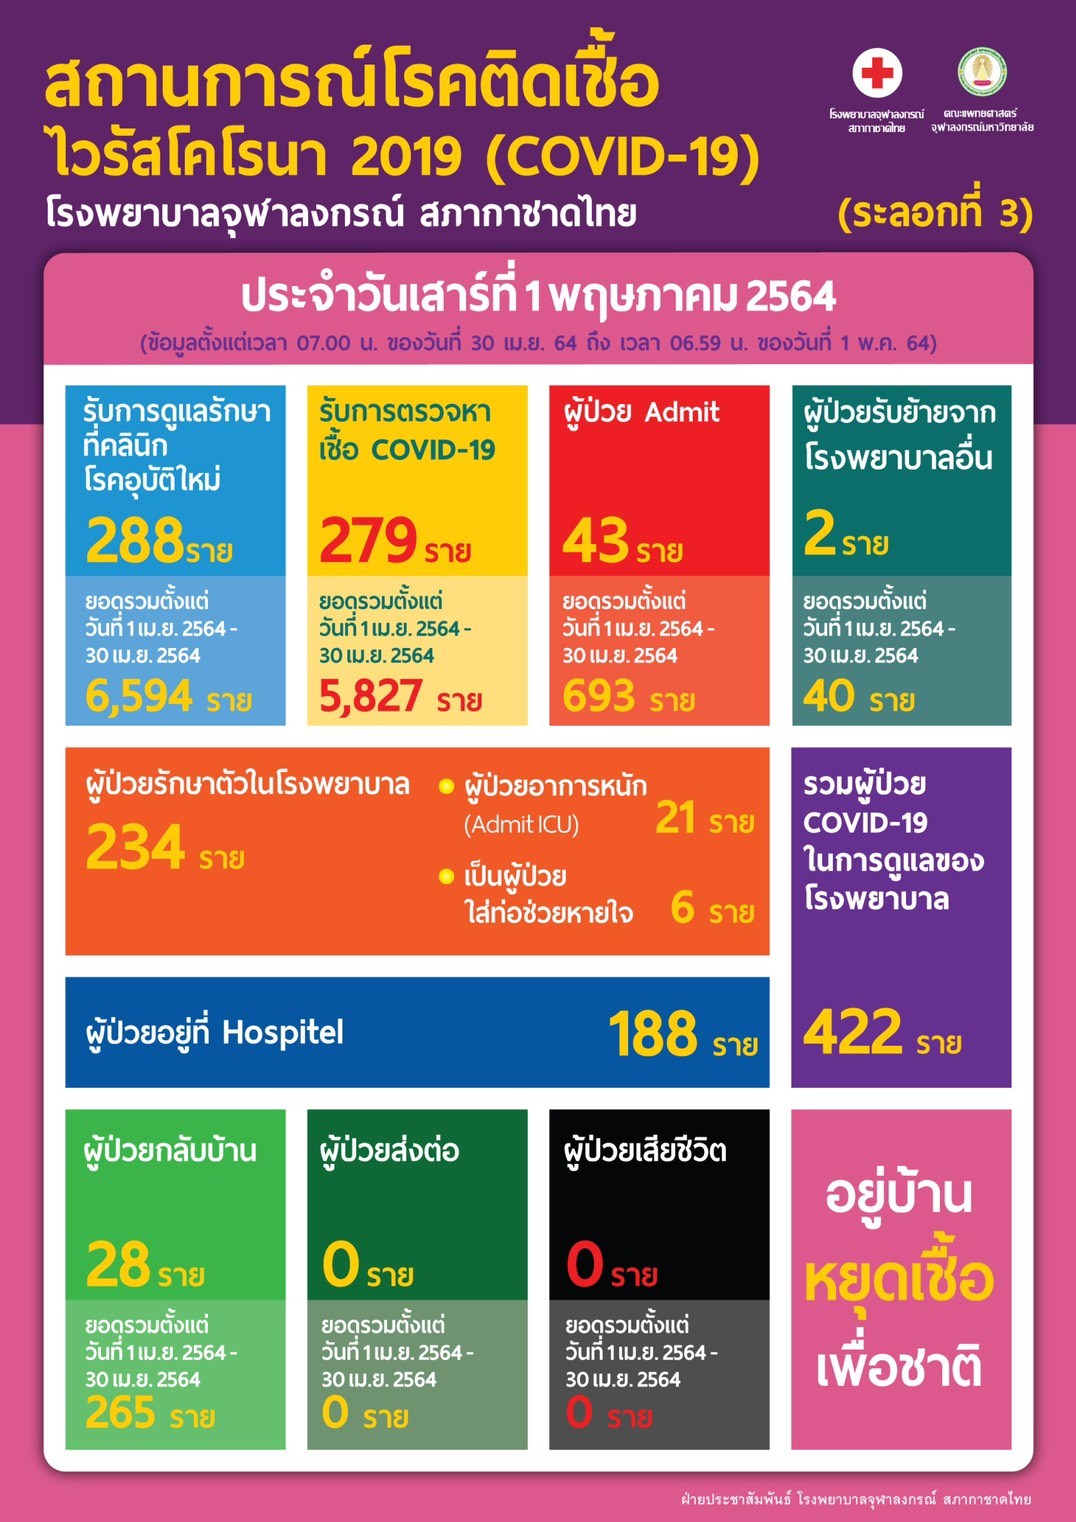 สถานการณ์โรคติดเชื้อ ไวรัสโคโรนา 2019 (COVID-19) สภากาชาดไทย  โรงพยาบาลจุฬาลงกรณ์ สภากาชาดไทย (ระลอกที่ 3) ประจำวันเสาร์ที่ 1 พฤษภาคม 2564